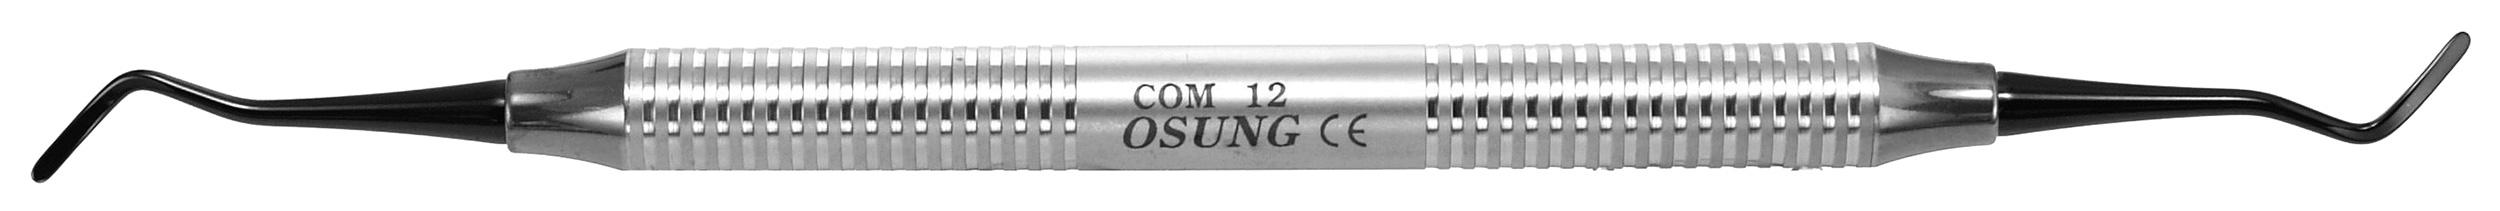 CMCOM12